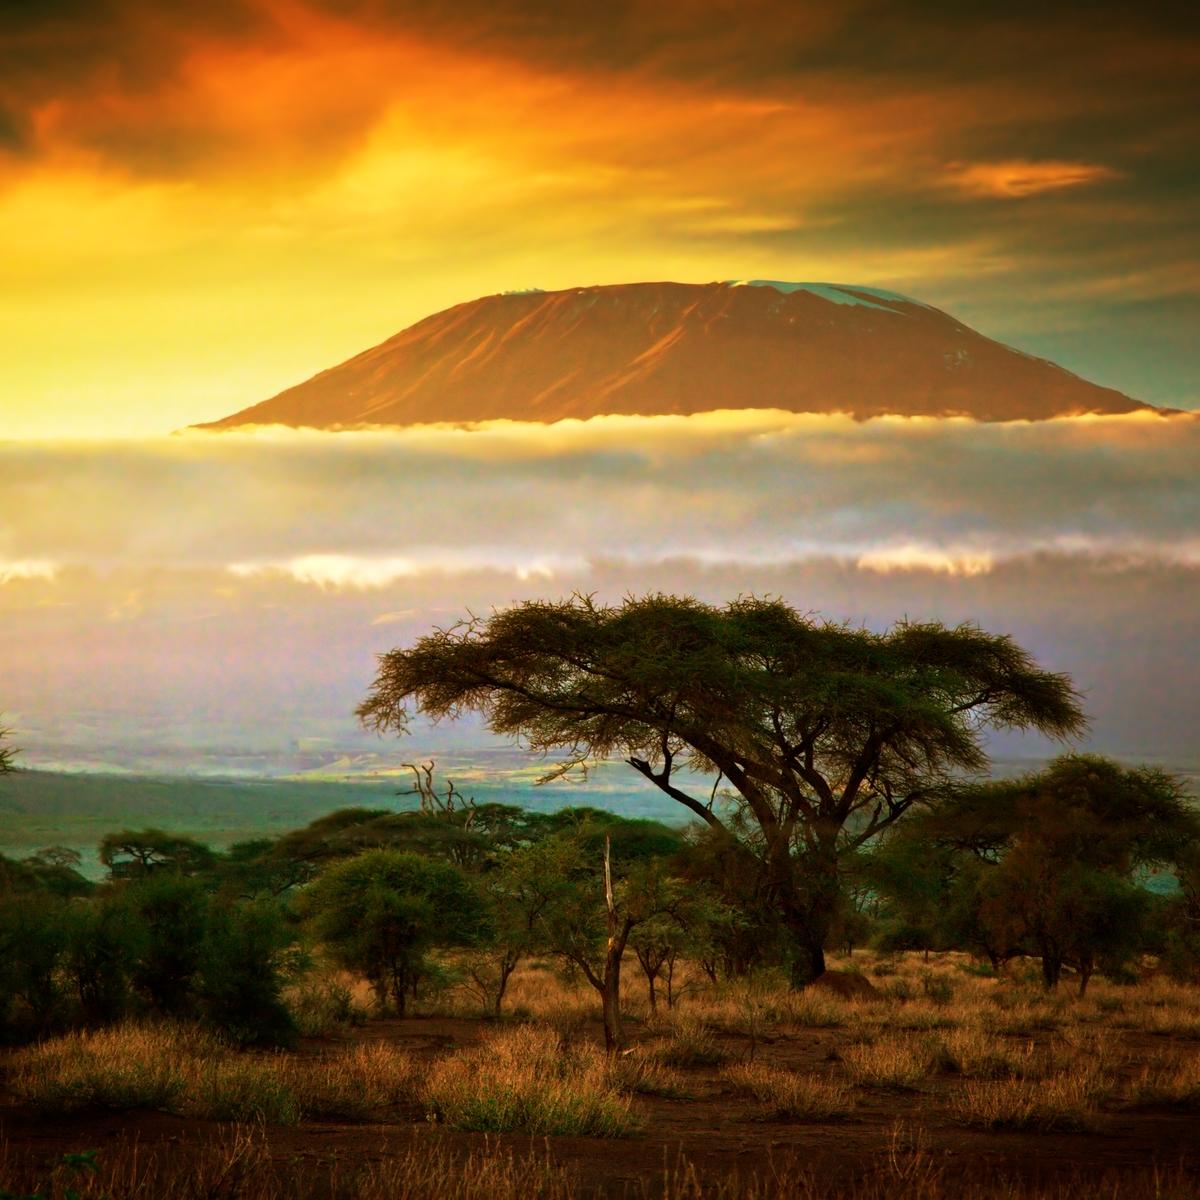 Die schönsten Reiseziele Afrikas: Berg Kilimandscharo, Tansania